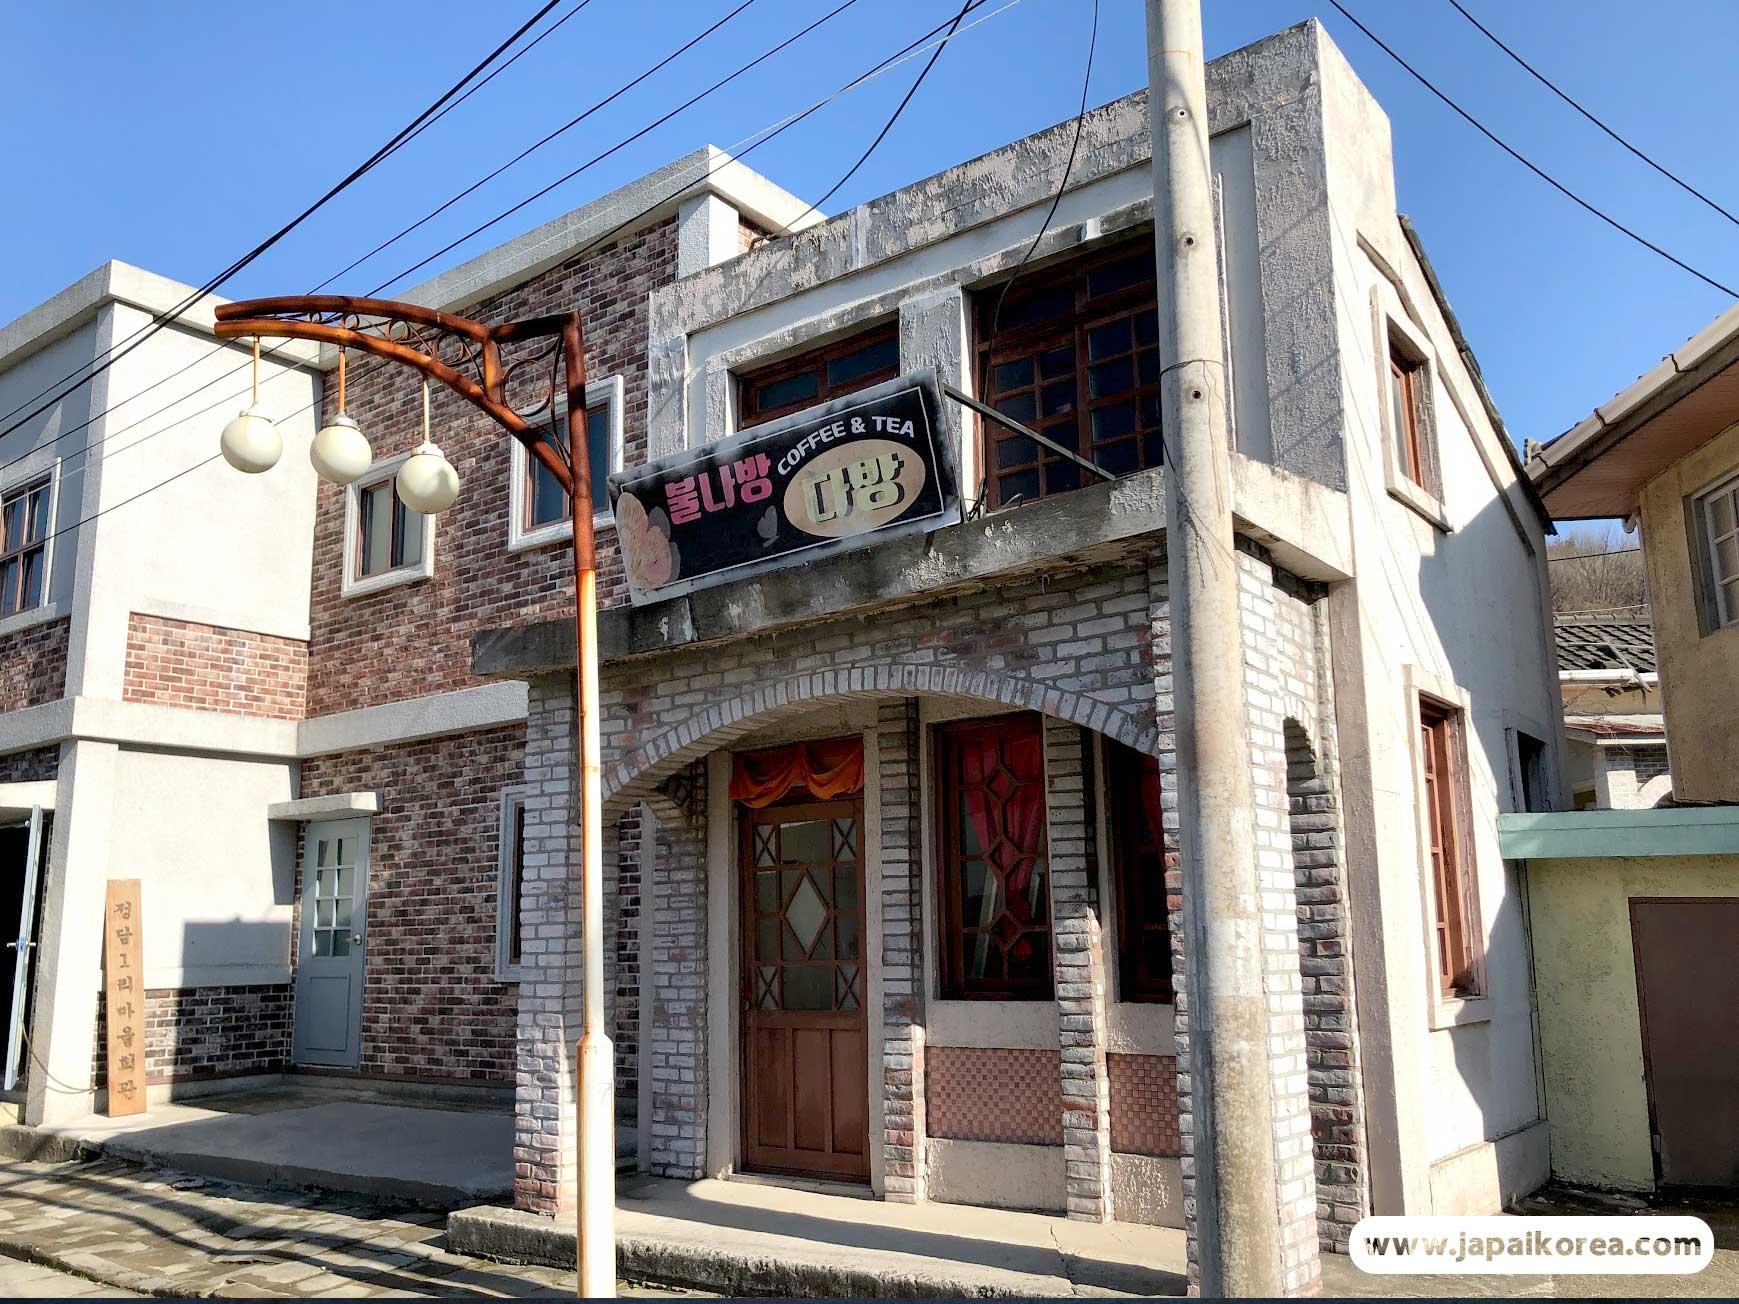 ร้านกาแฟ เกาหลี สมัยก่อน